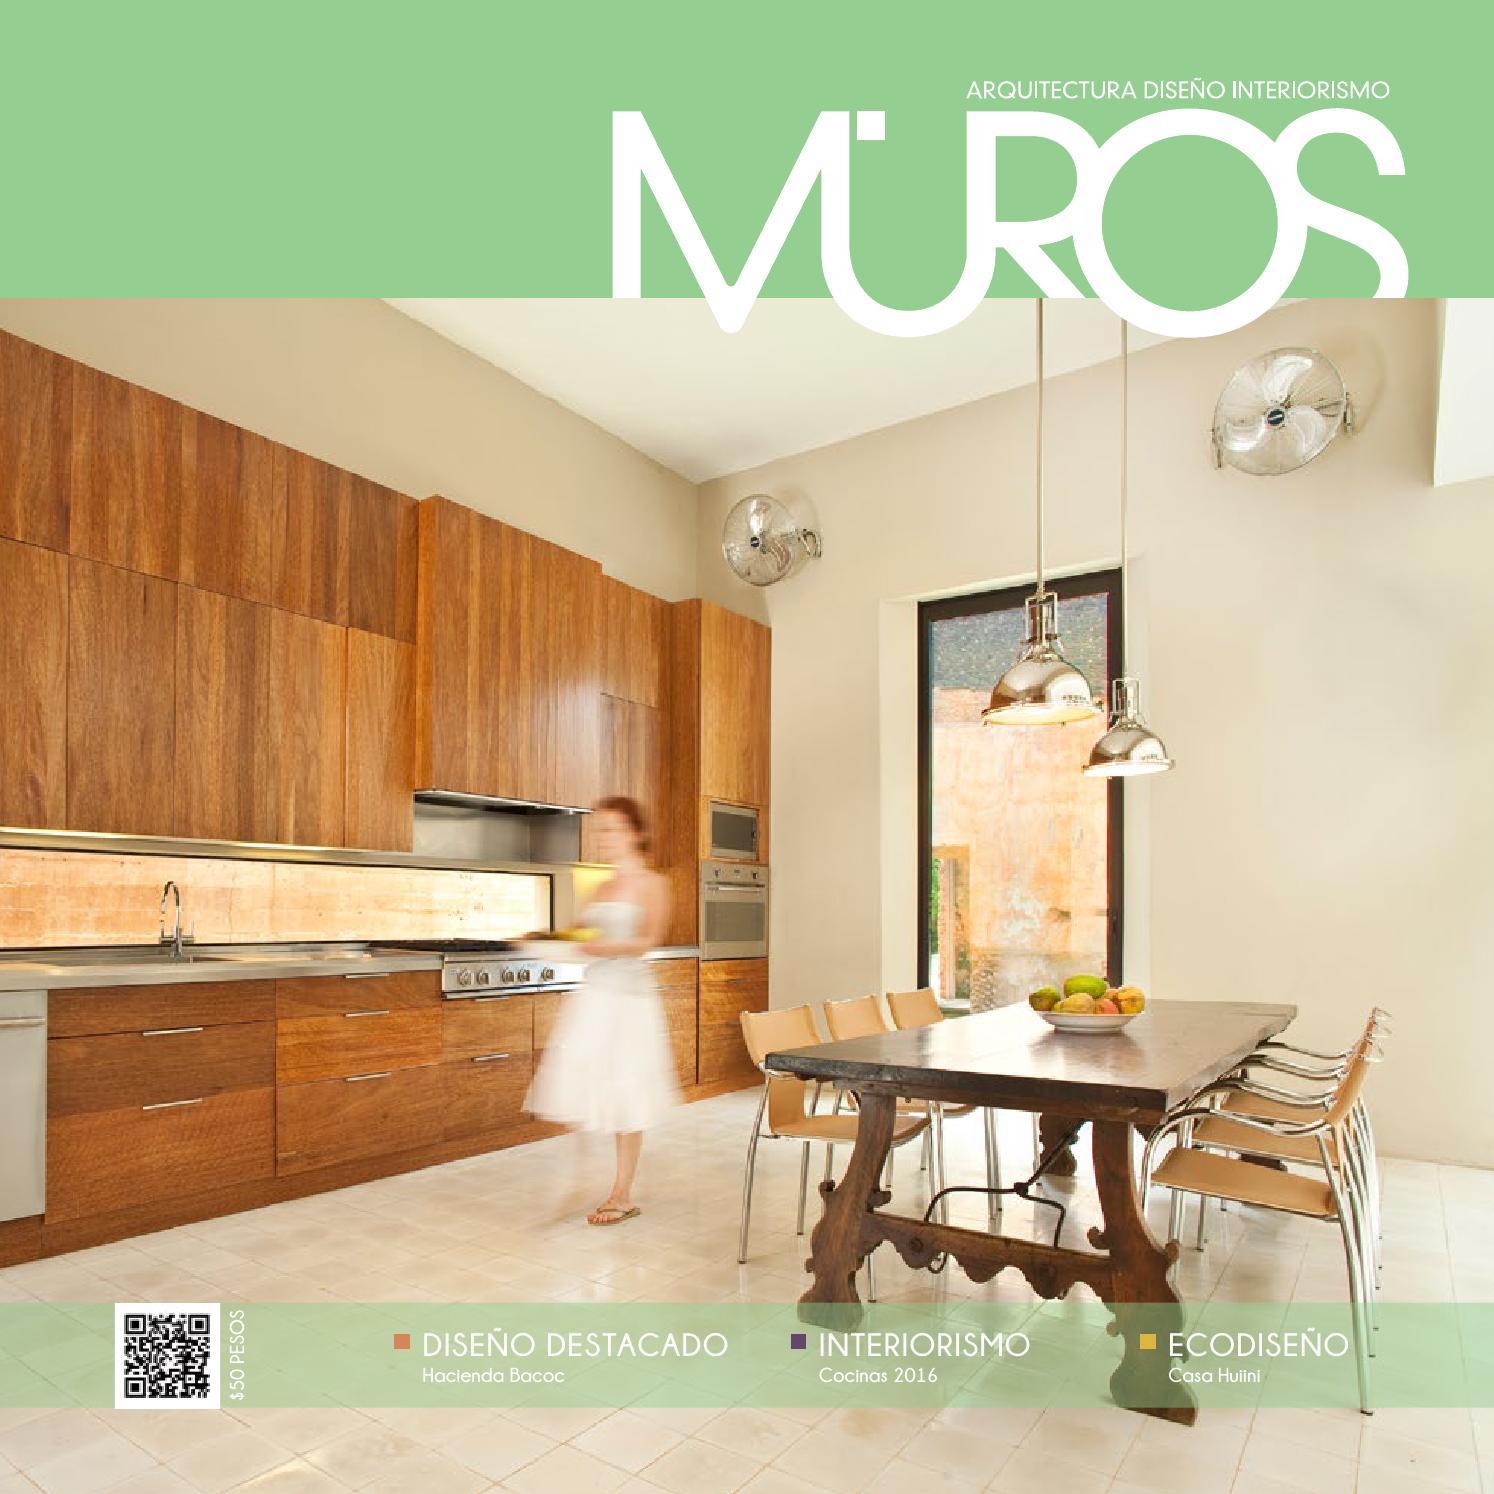 Edici n 21 revista muros arquitectura dise o for Definicion de decoracion